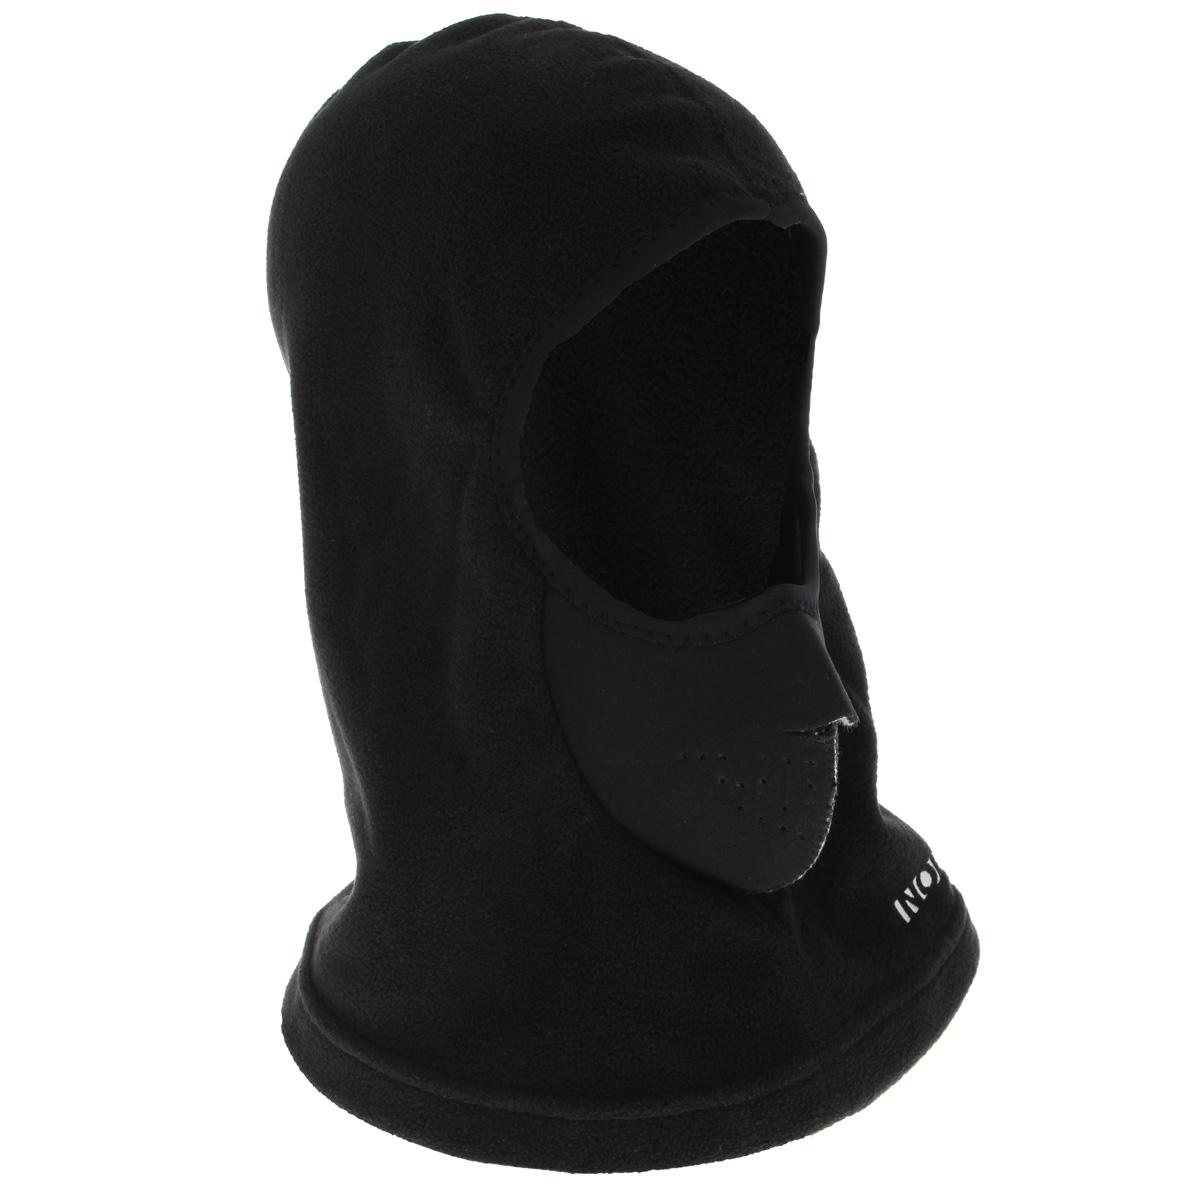 303320Шапка-маска мужская Norfin идеально подойдет для активного отдыха холодной зимой. Изготовлена модель из теплого мягкого флиса, обеспечивающего комфорт, ветронепродуваемость и отведение лишней влаги. Шапка-маска плотно облегает всю голову и оставляет открытой одну линию глаз.